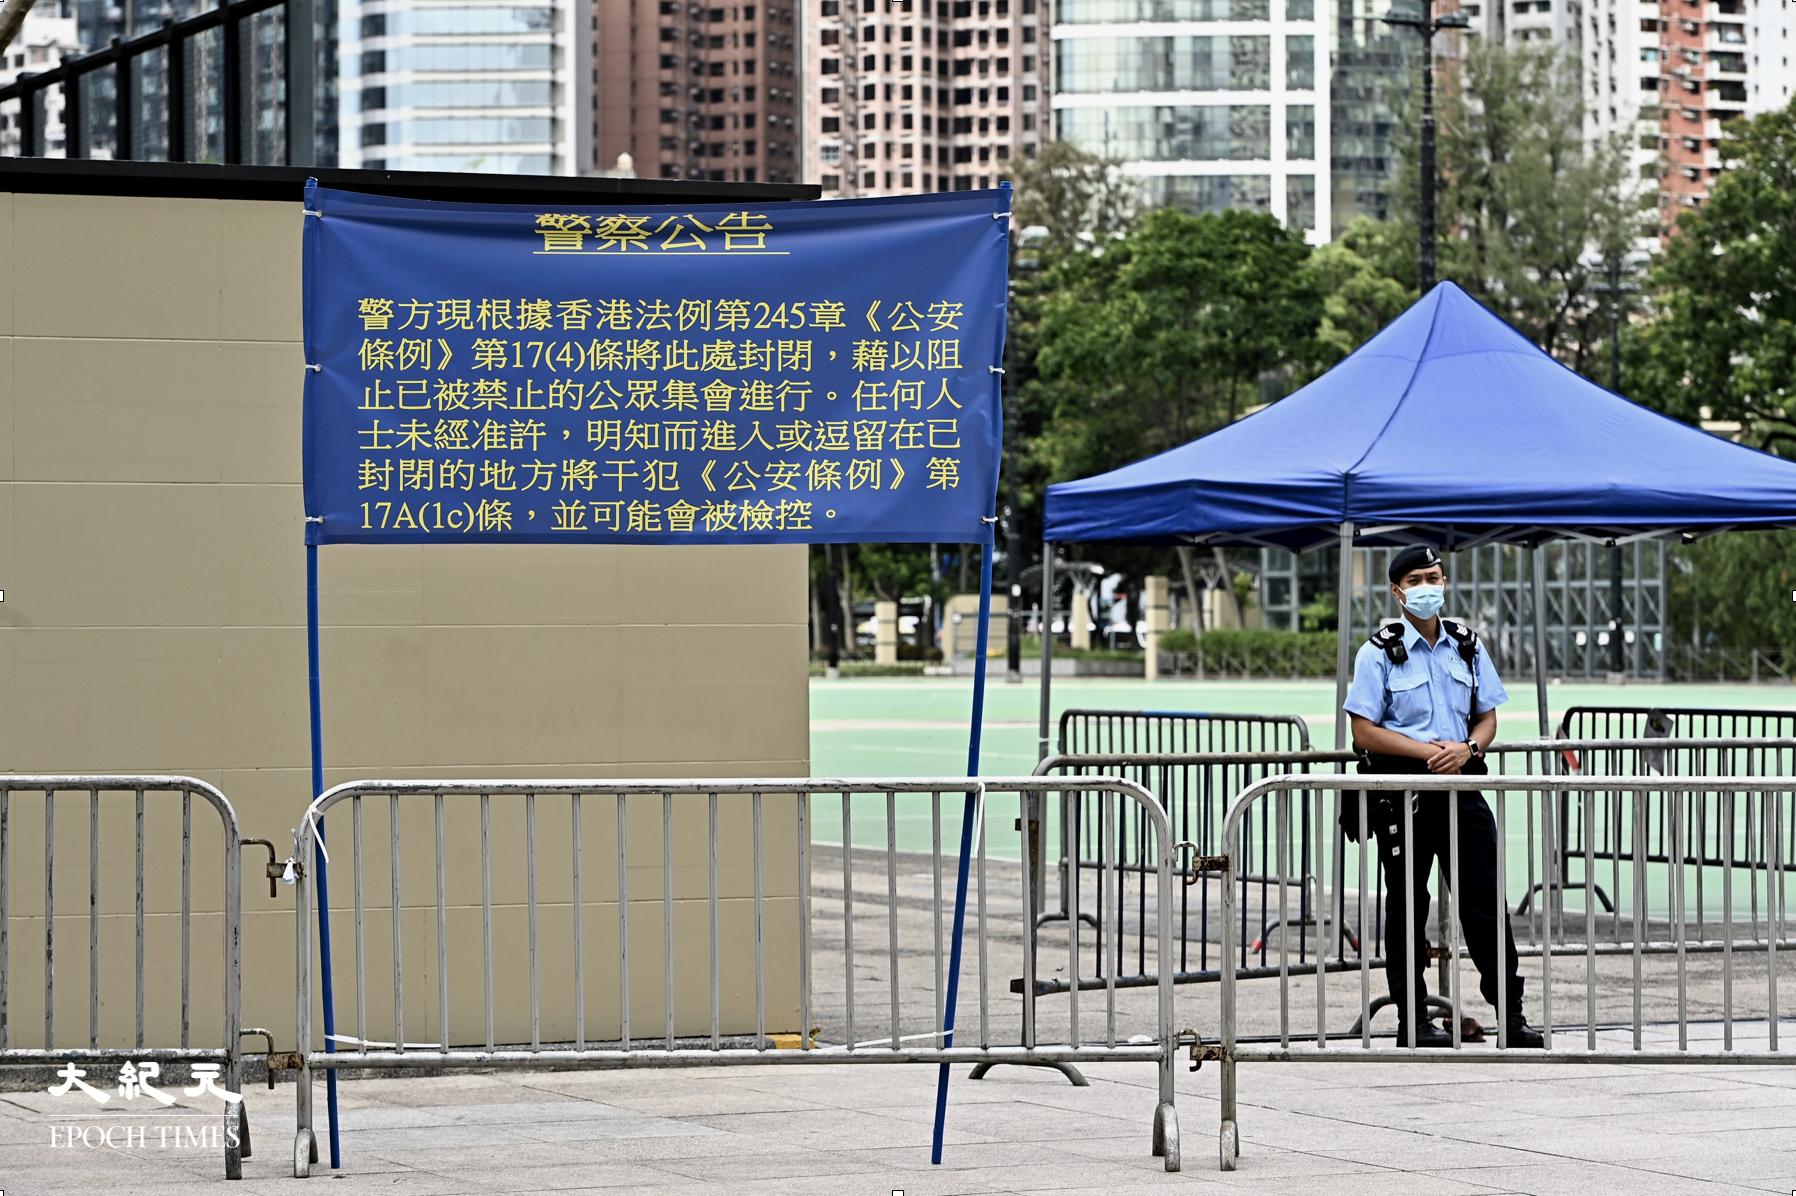 6月4日,警方首引公安條例封維園,阻市民集會悼念。(宋碧龍/大紀元)